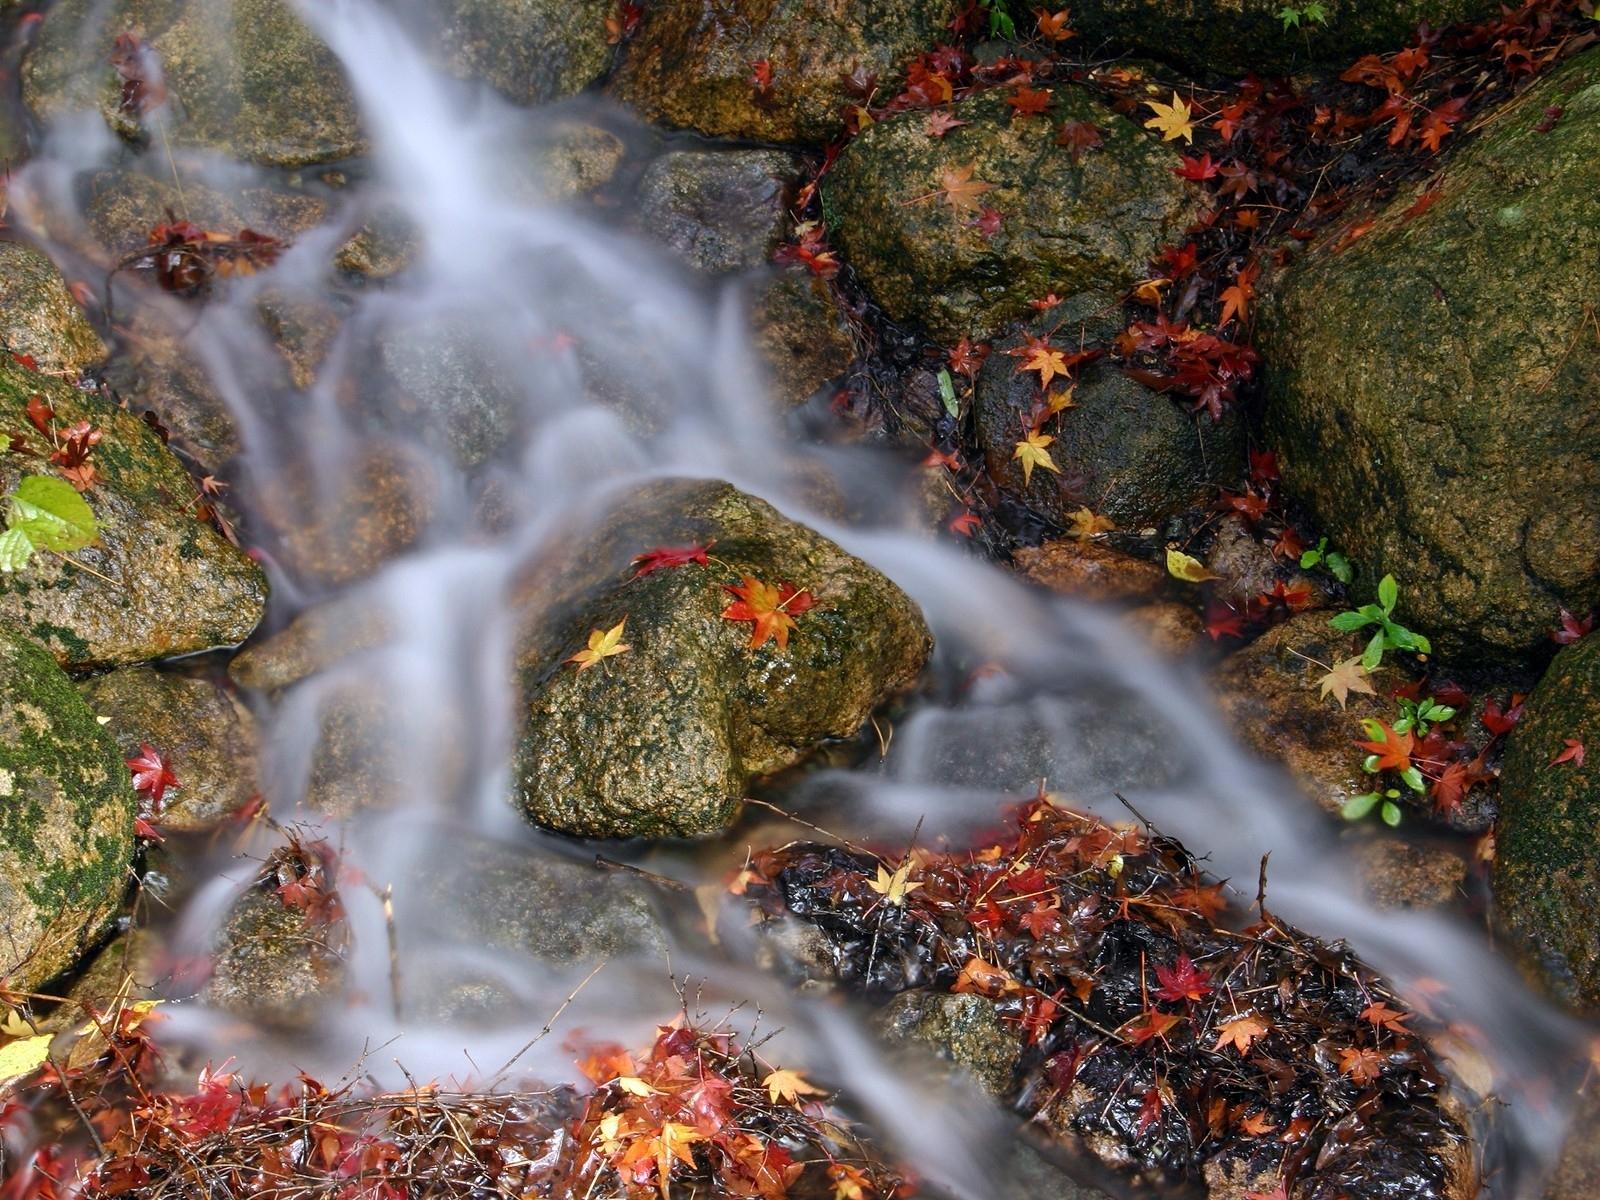 11153 скачать обои Пейзаж, Вода, Река, Камни, Листья - заставки и картинки бесплатно